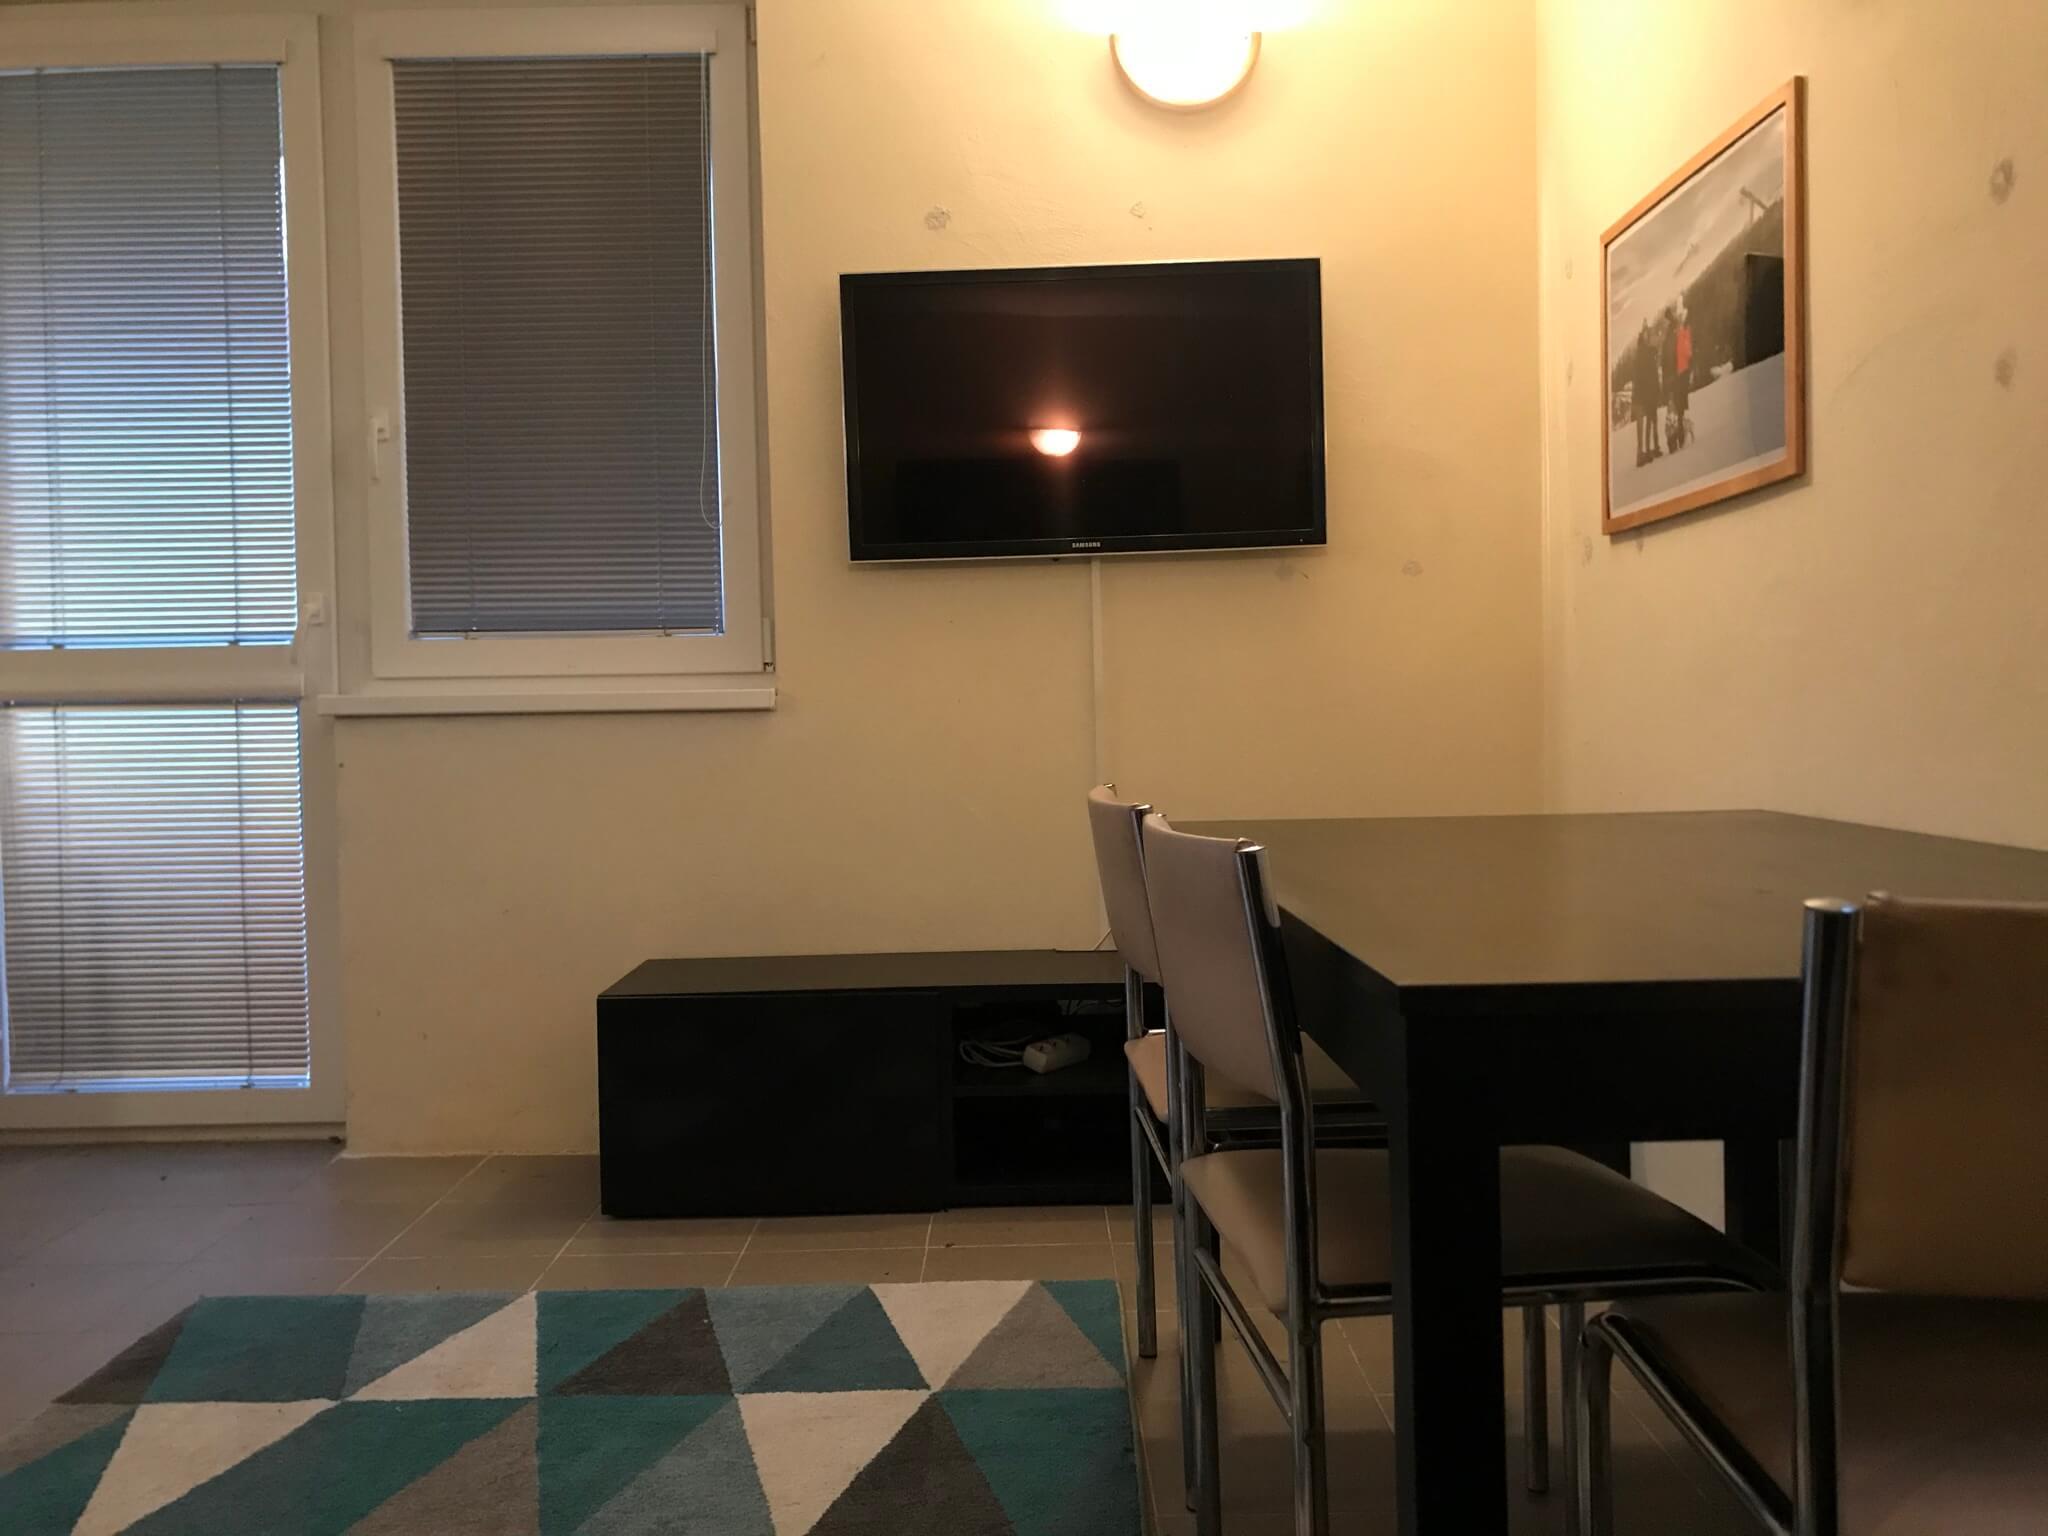 Predané: Exkluzívne 3 izbová chata o výmere 70m2 s 300m2 pozemkom, 2 podložná, v Gabčíkove pri hrádzi, kompe-17